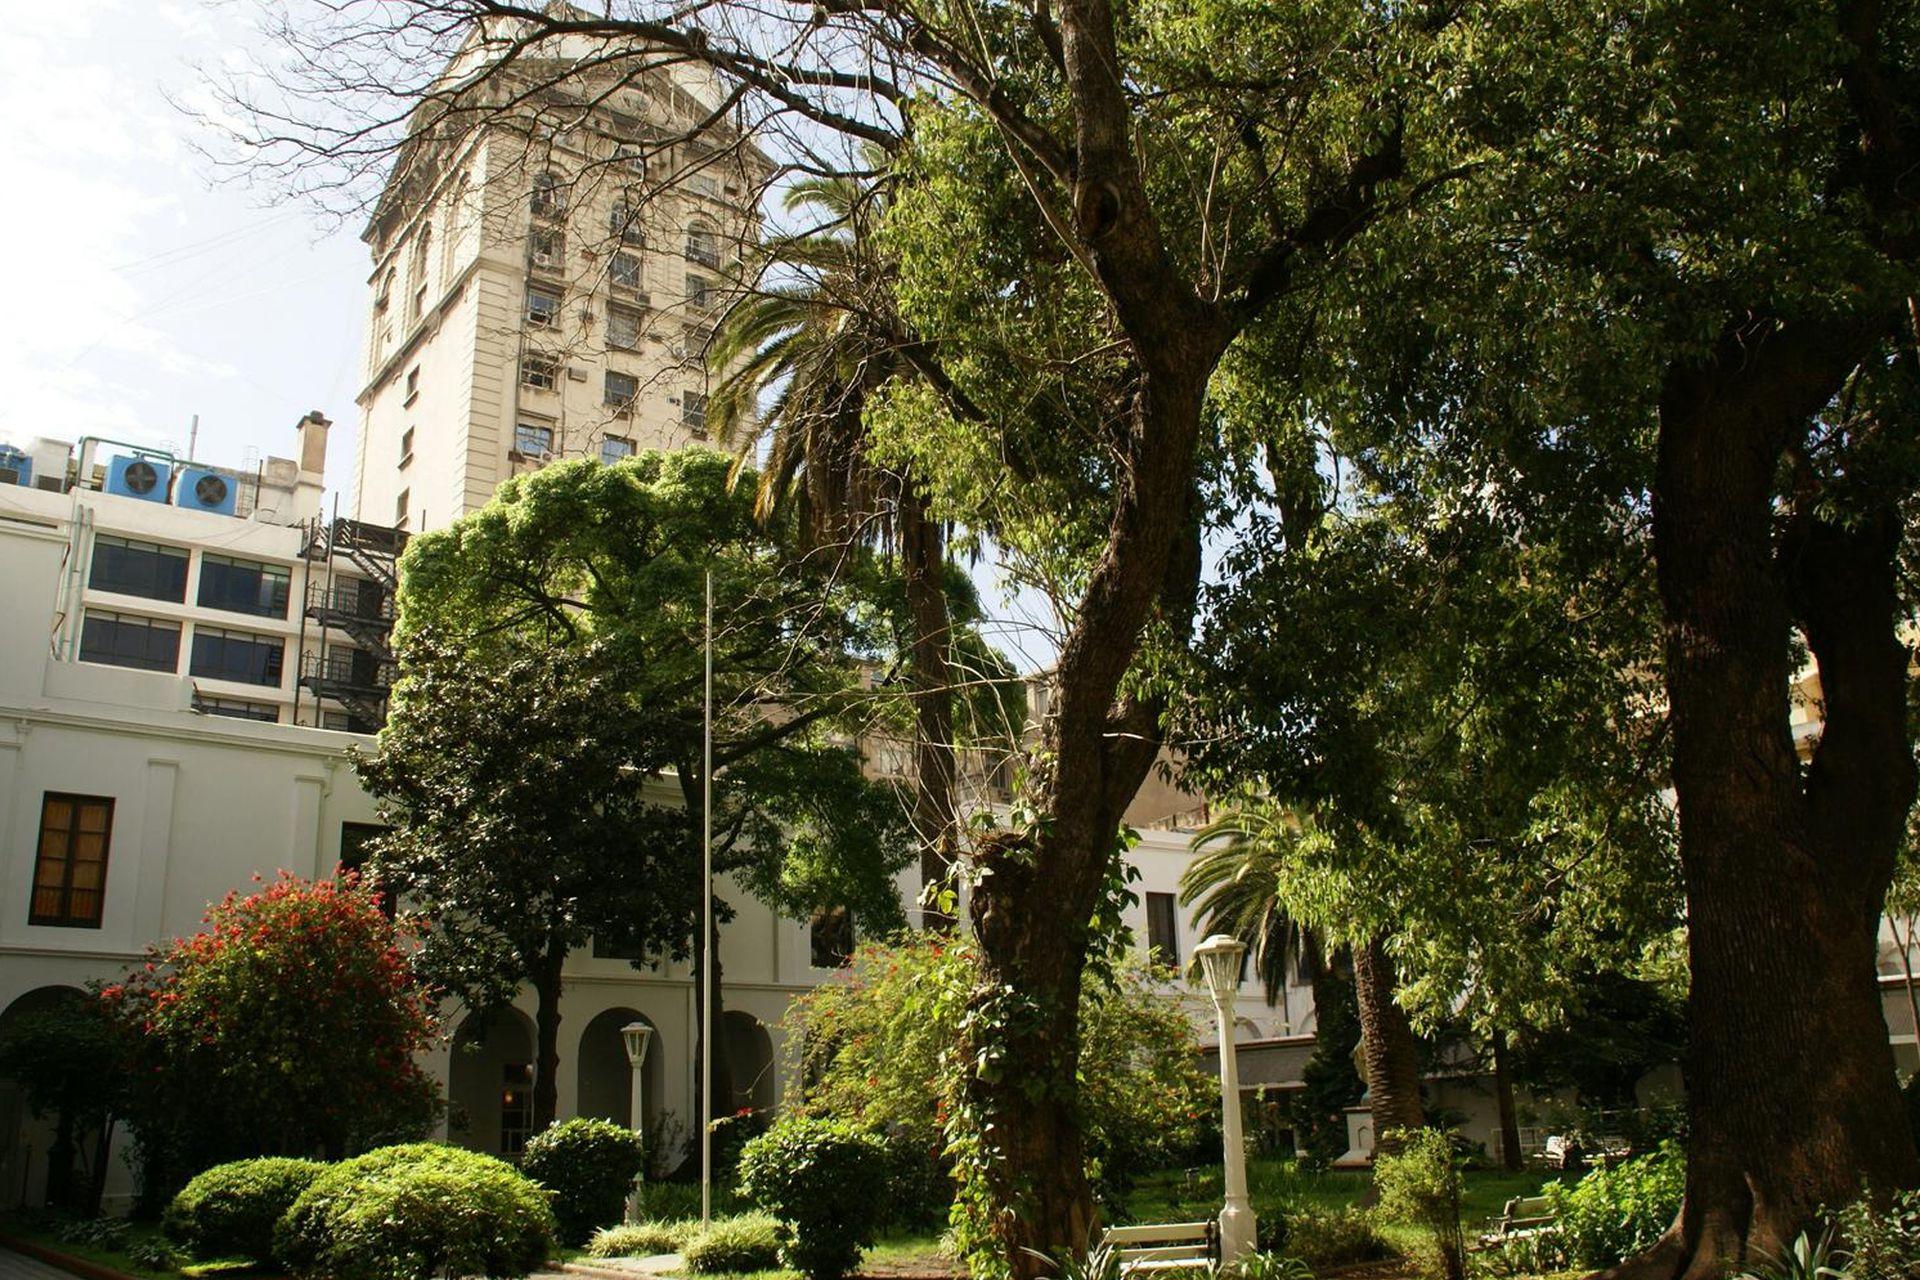 El parque ofrece una amplia variedad de plantas, flores y árboles, que tienen más de 150 años.